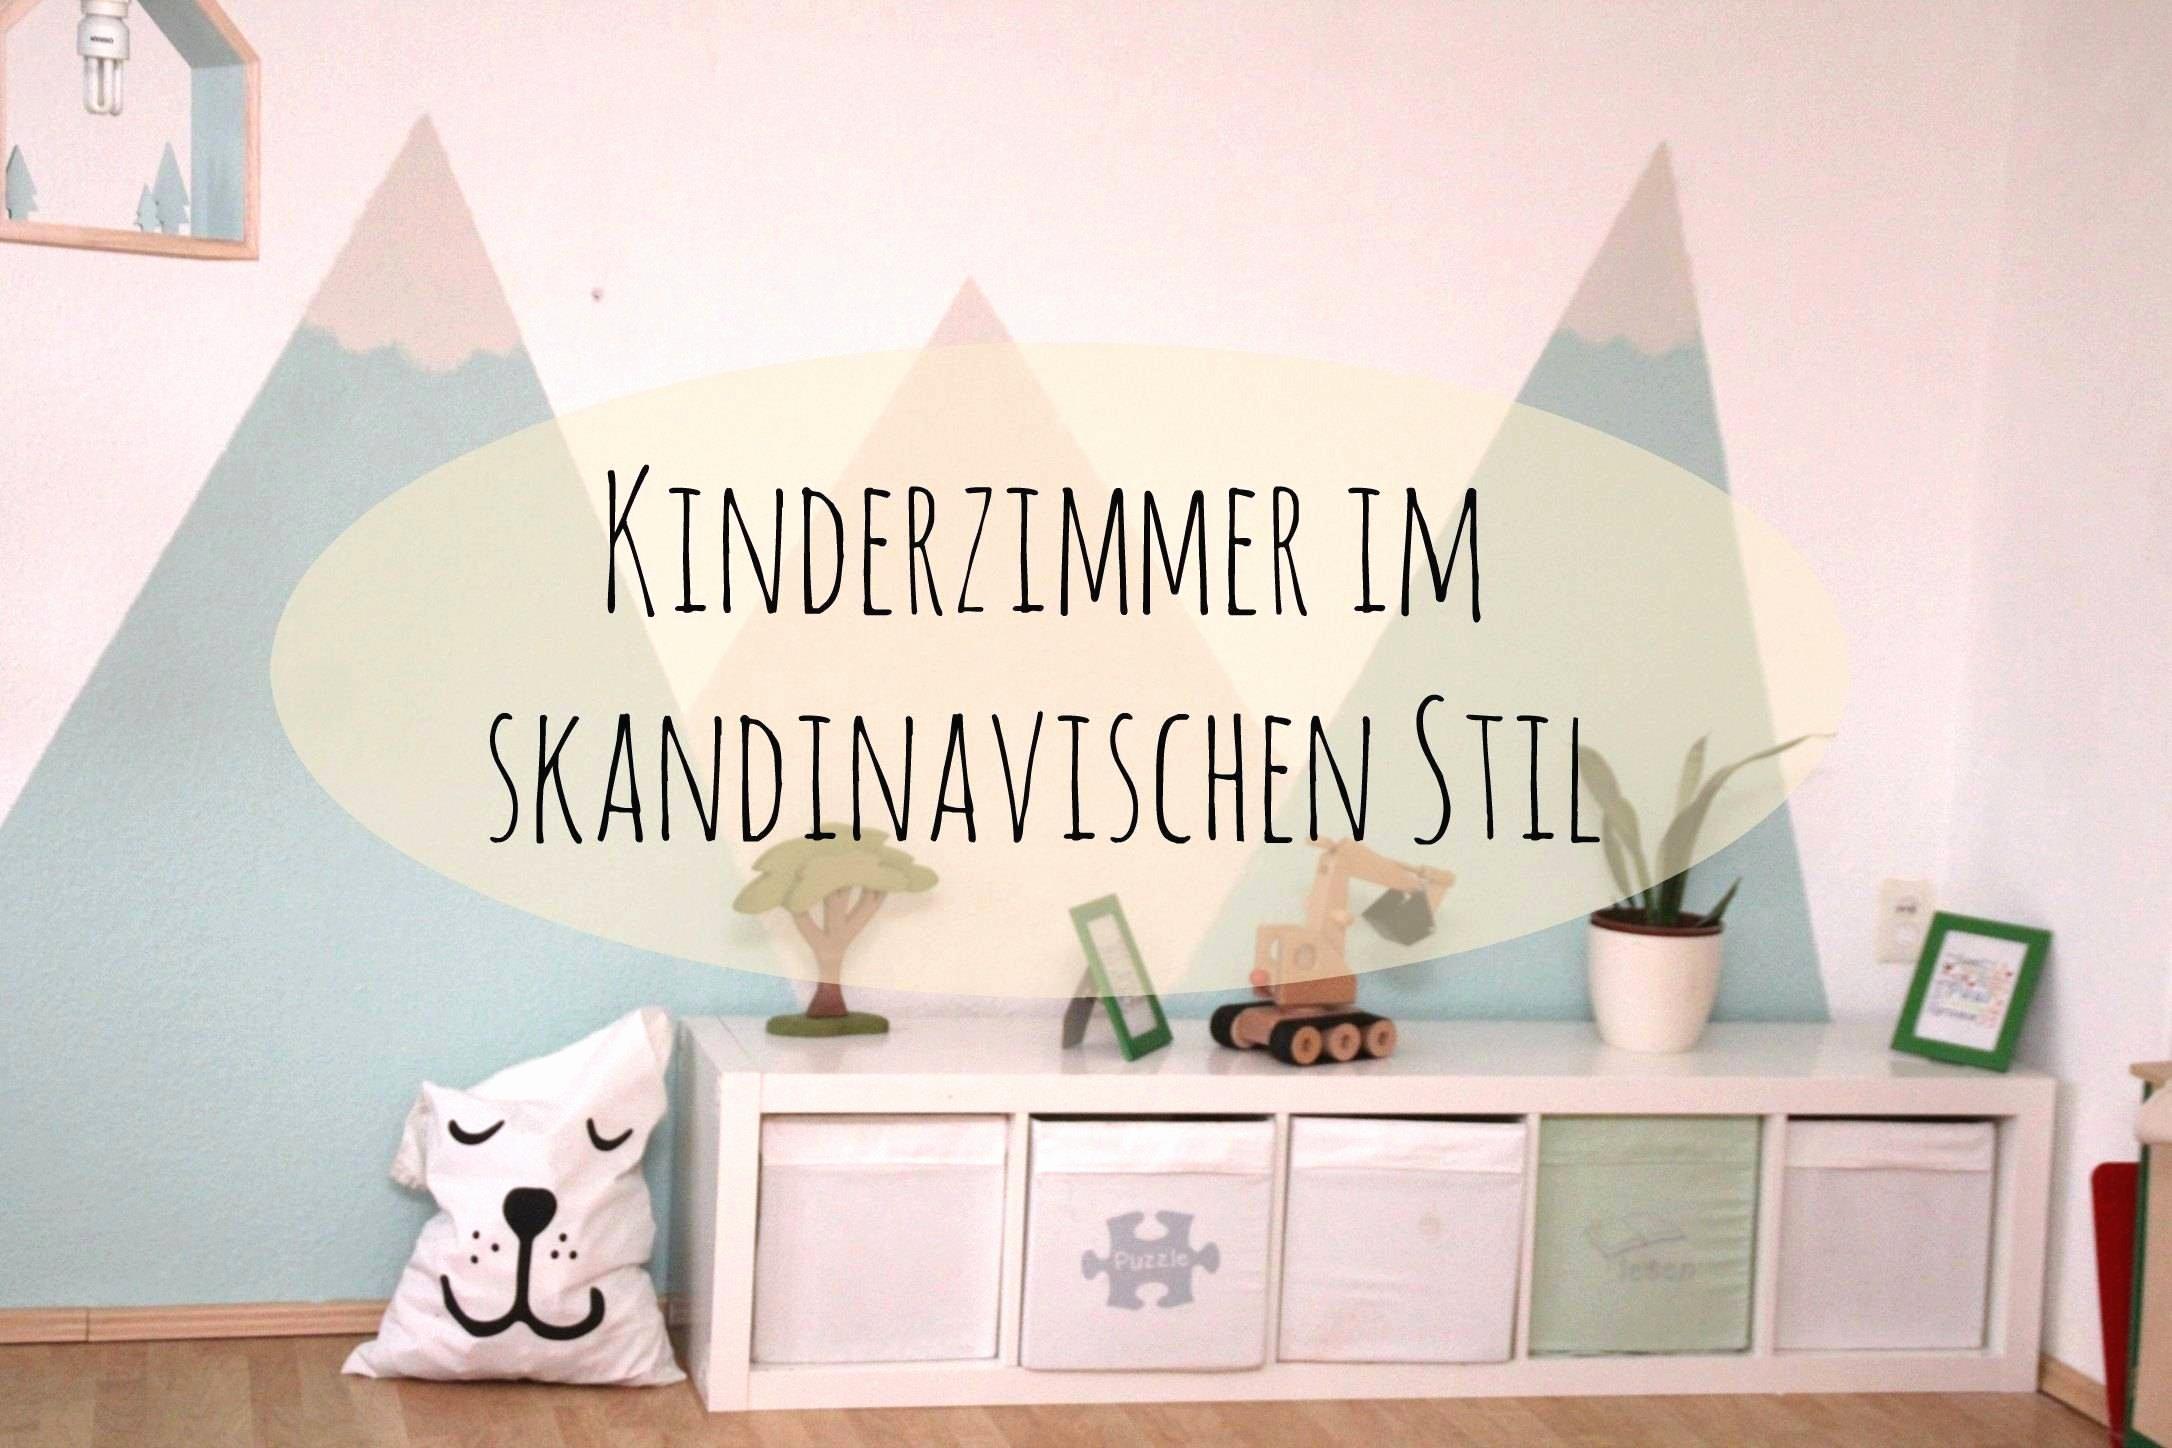 Full Size of Wandgestaltung Kinderzimmer Jungen Babyzimmer Tiere Schn Sofa Regal Weiß Regale Wohnzimmer Wandgestaltung Kinderzimmer Jungen